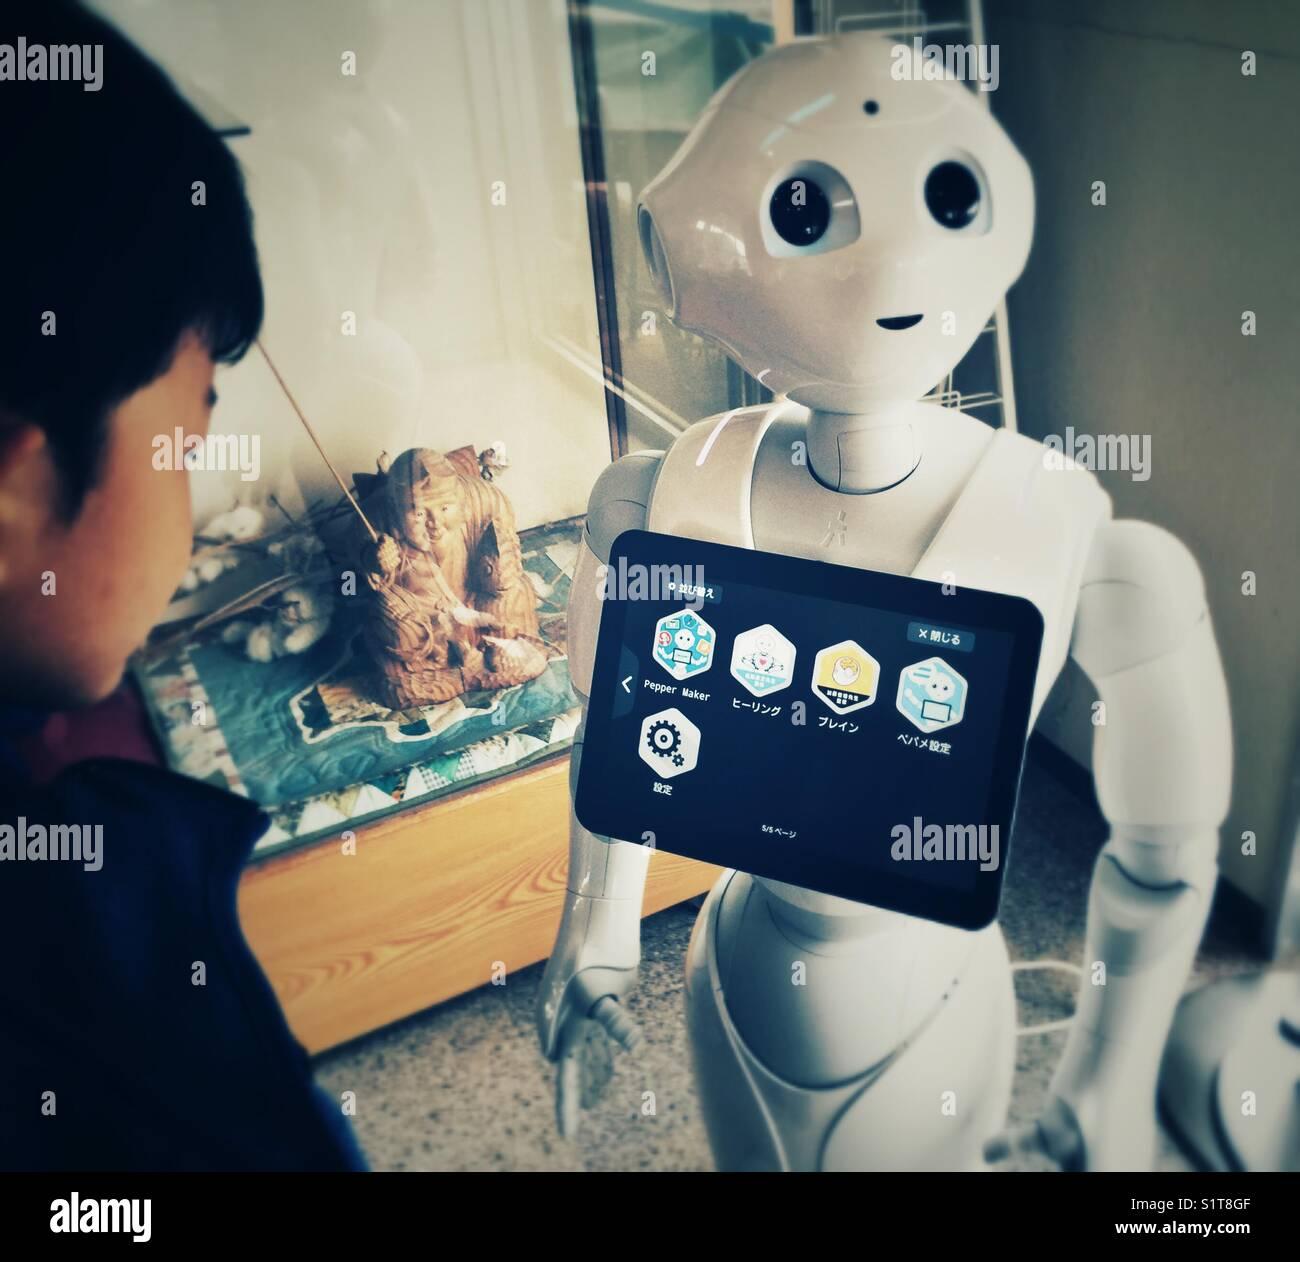 Asiatische 6 Jahre alte Junge, der in der Systemsteuerung von interaktiven Roboter in Japan Stockbild